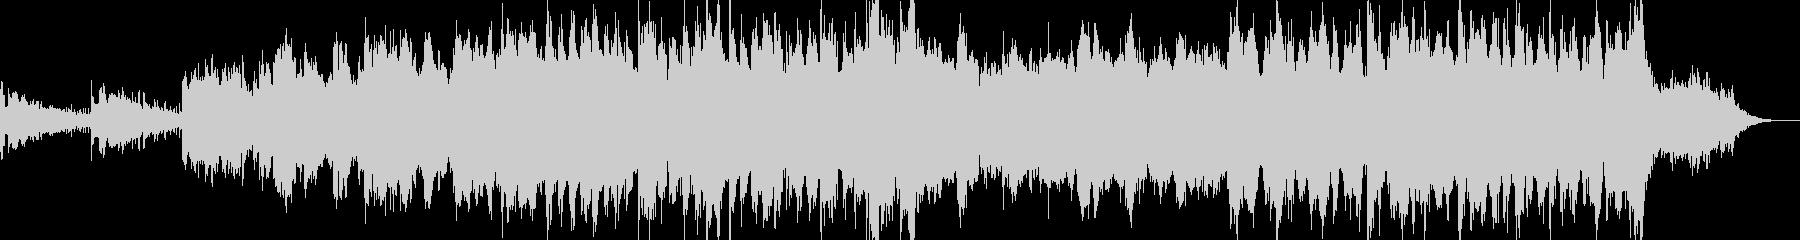 アンビエント環境音楽ヒーリング-03の未再生の波形